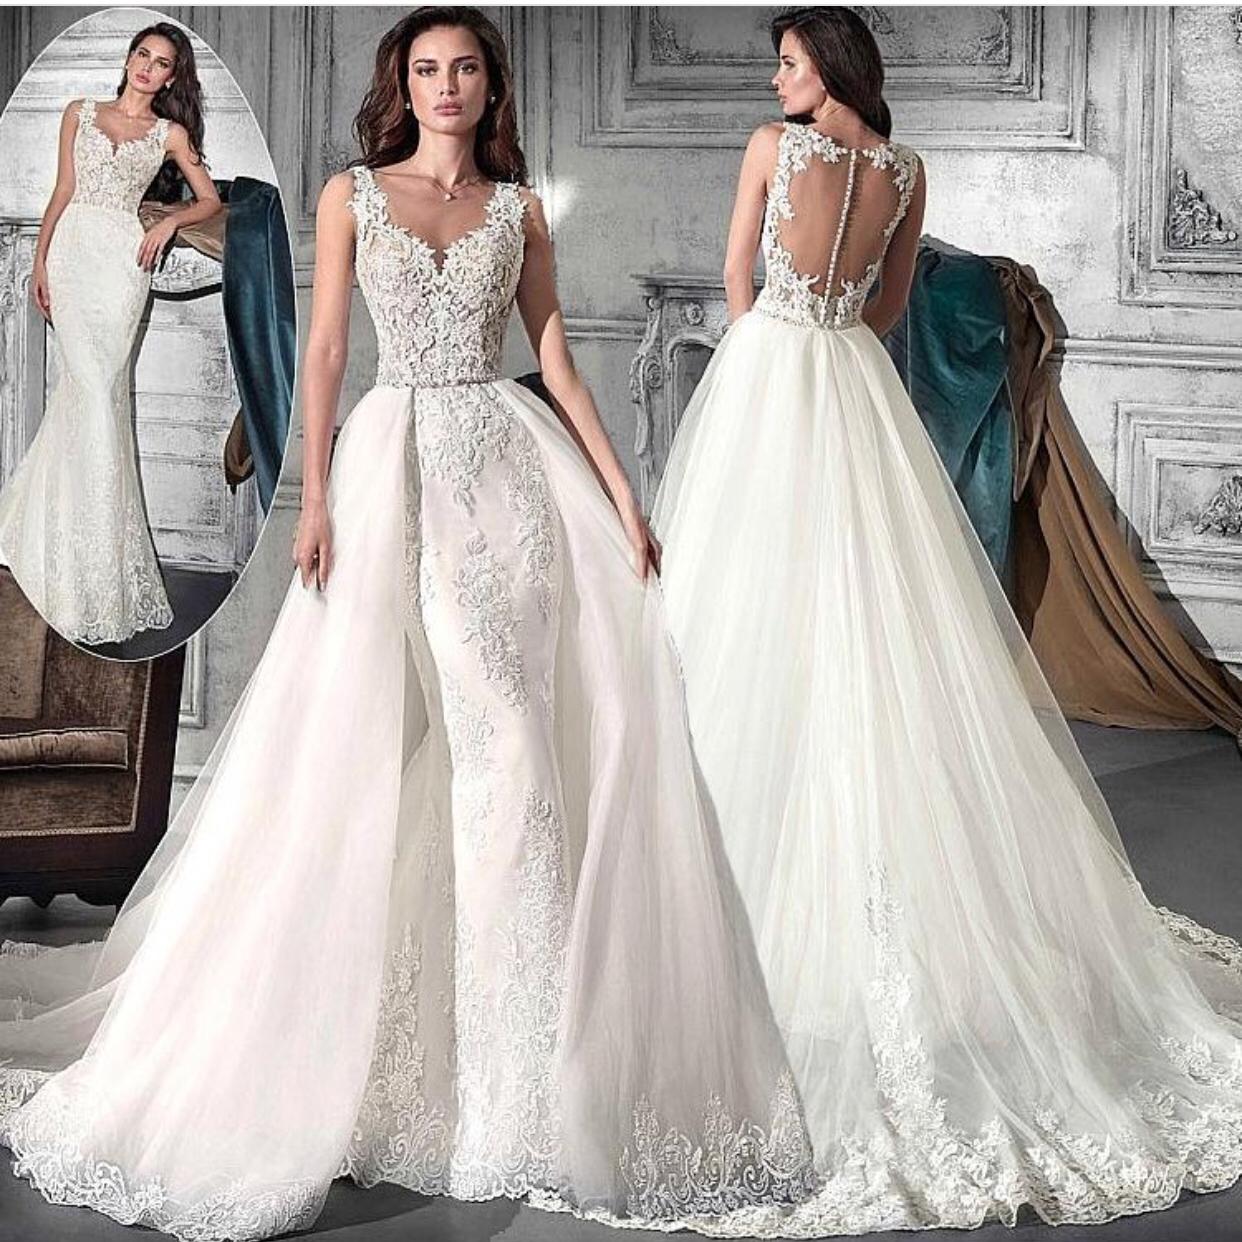 Abnehmbare Rock Spitze Applique Weiß Brautkleider 2018 Elegante ...